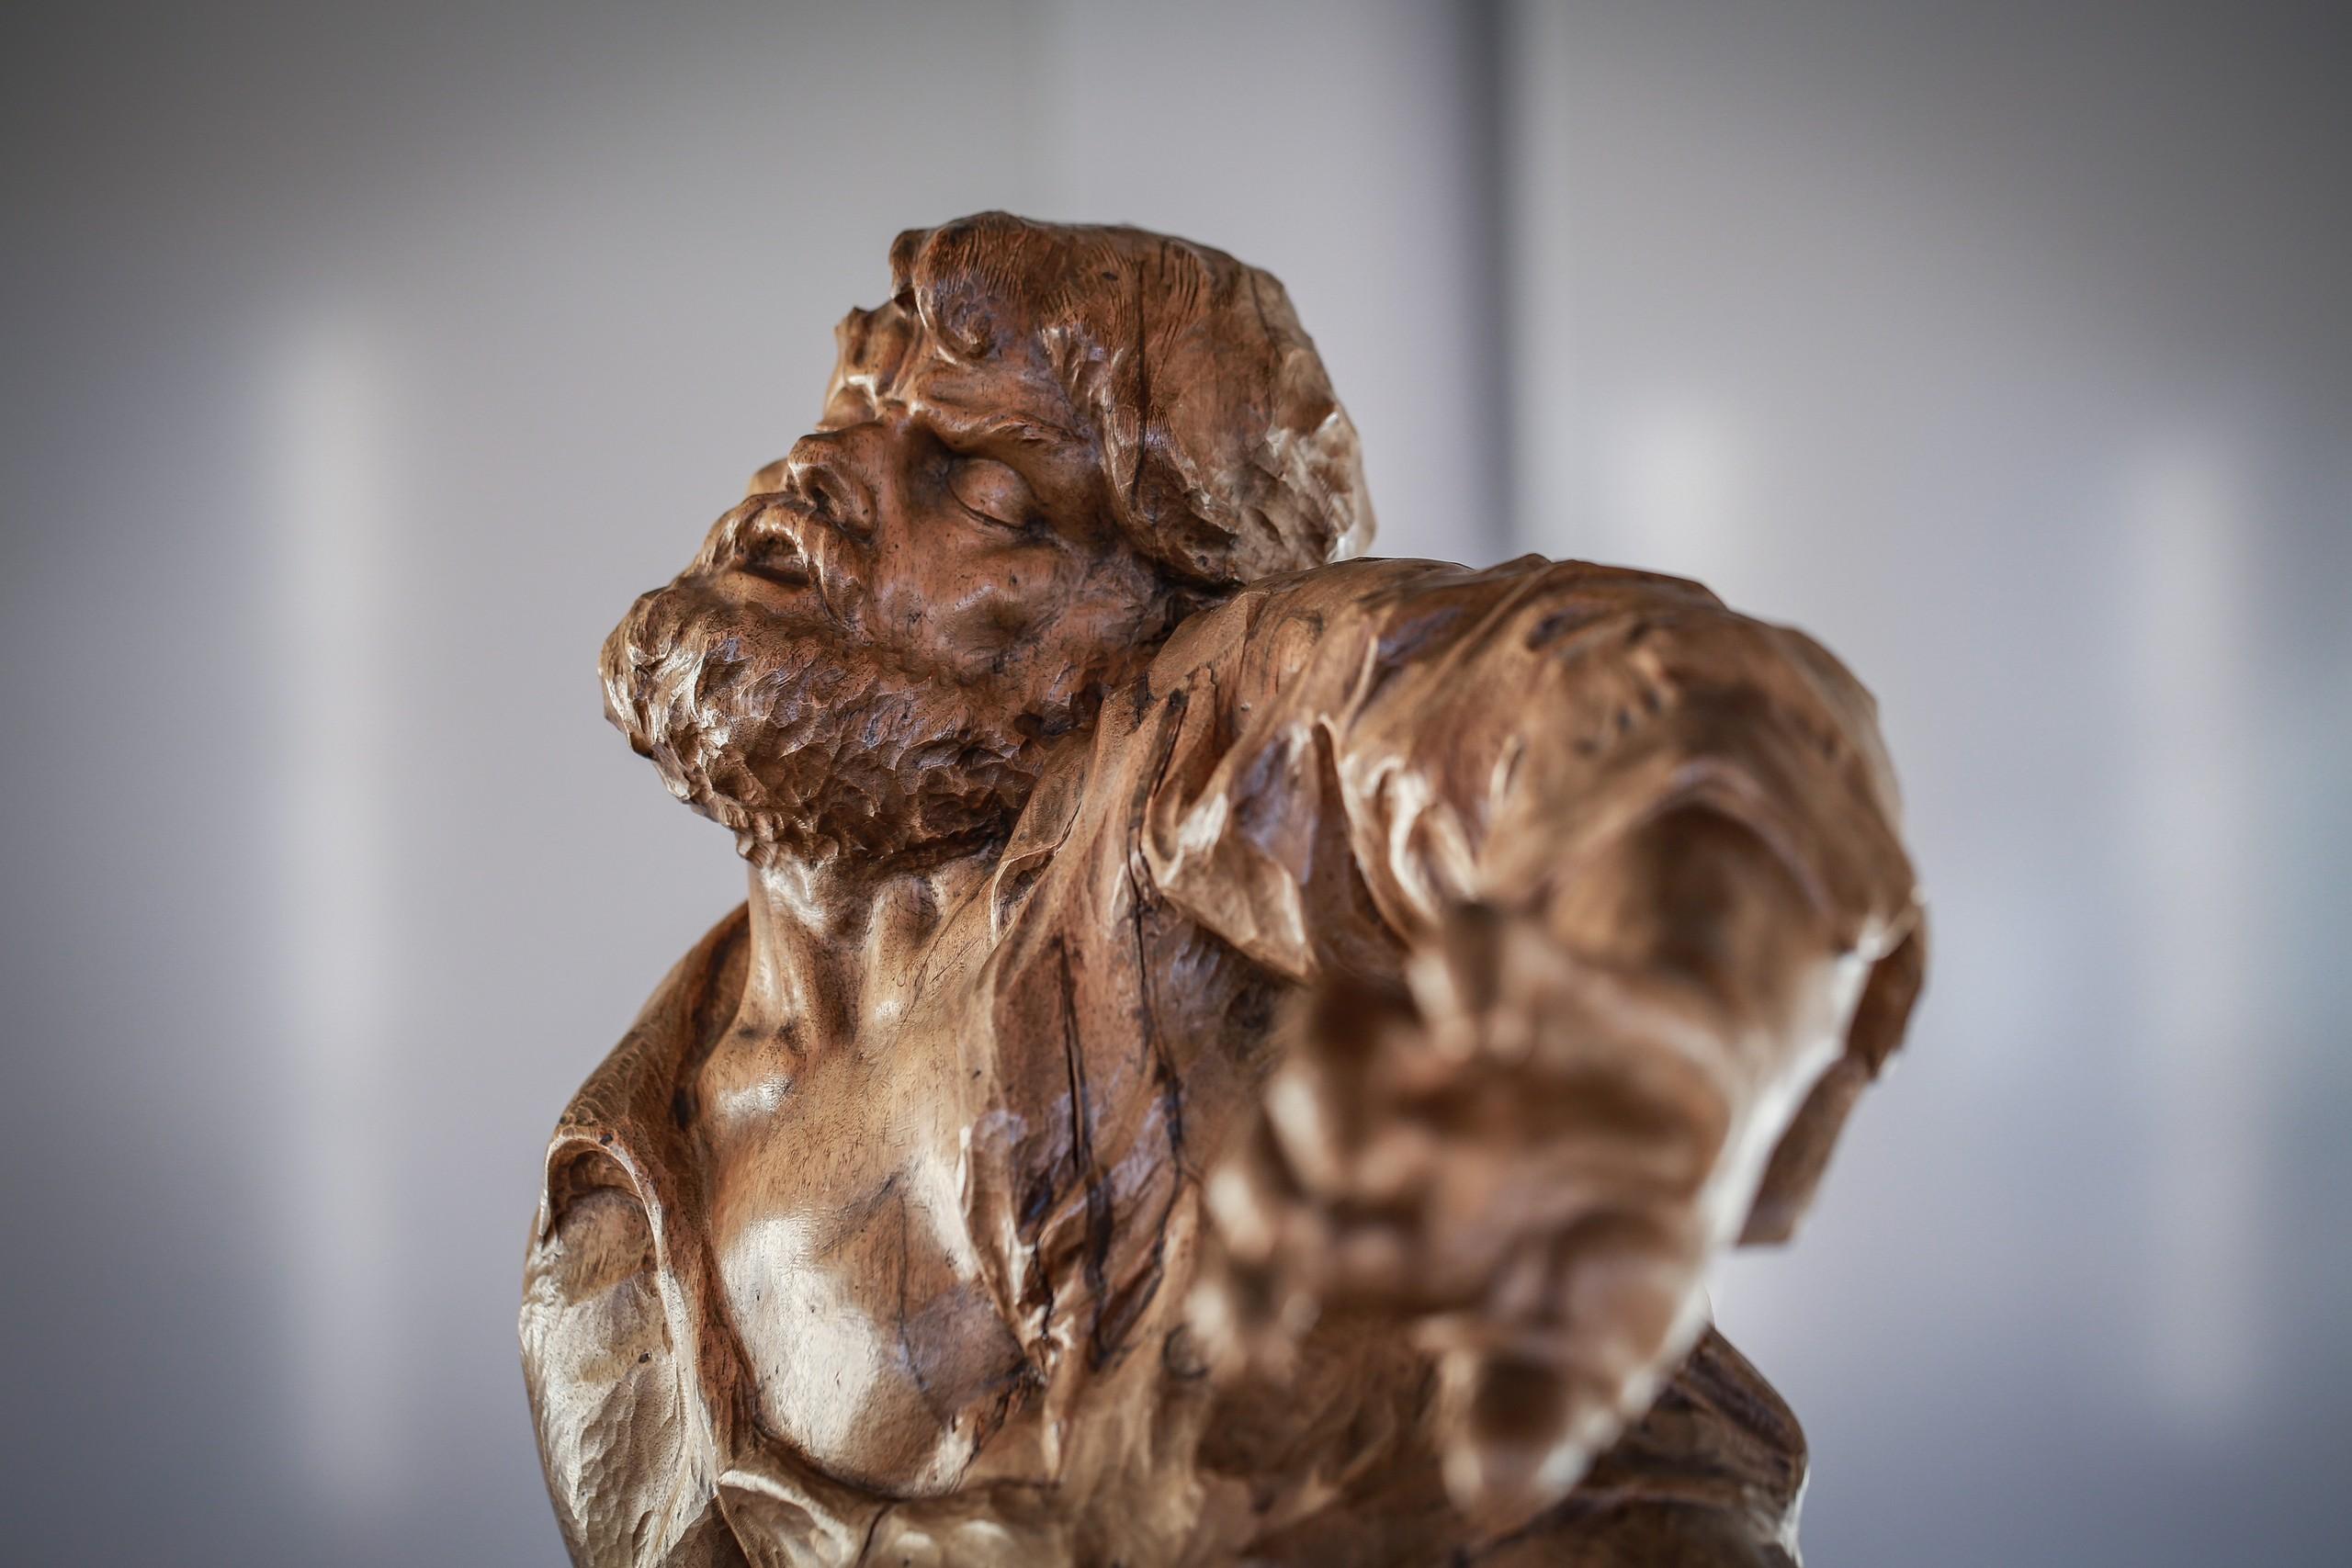 brienz-museum-holzbildhauerei-figur